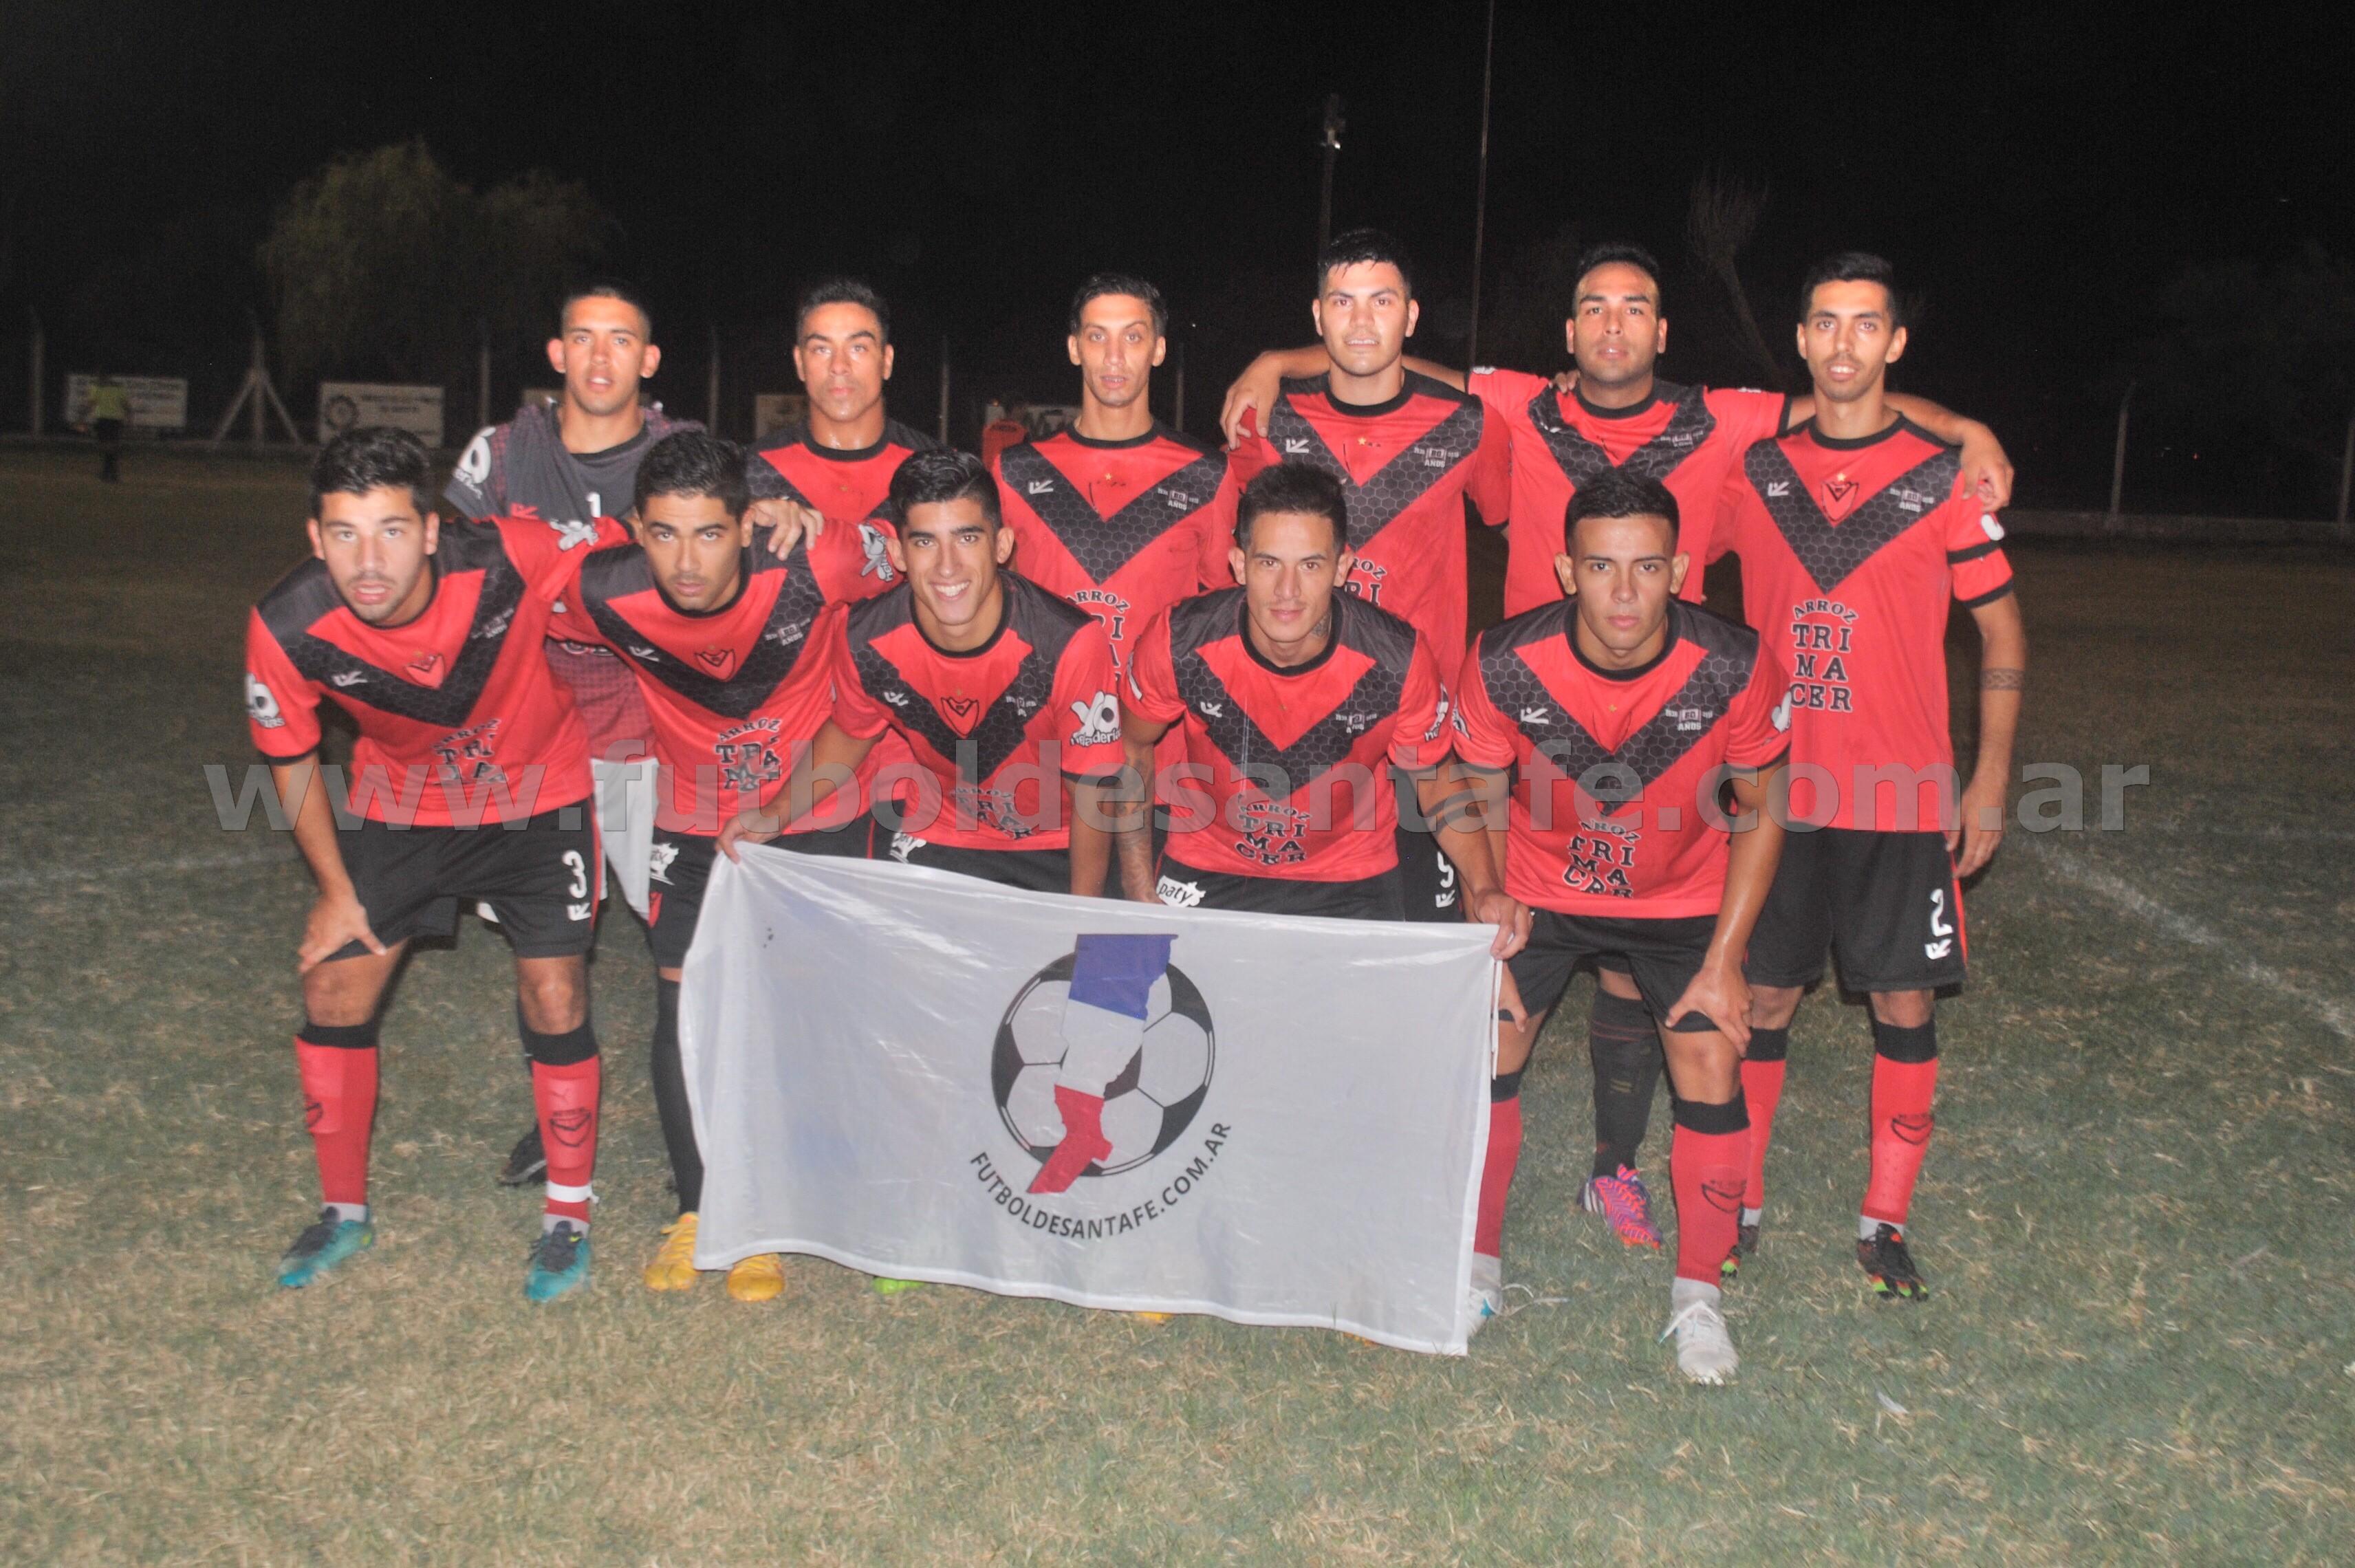 Se jugó una nueva jornada del Tiburón Lagunero, con emociones y goles